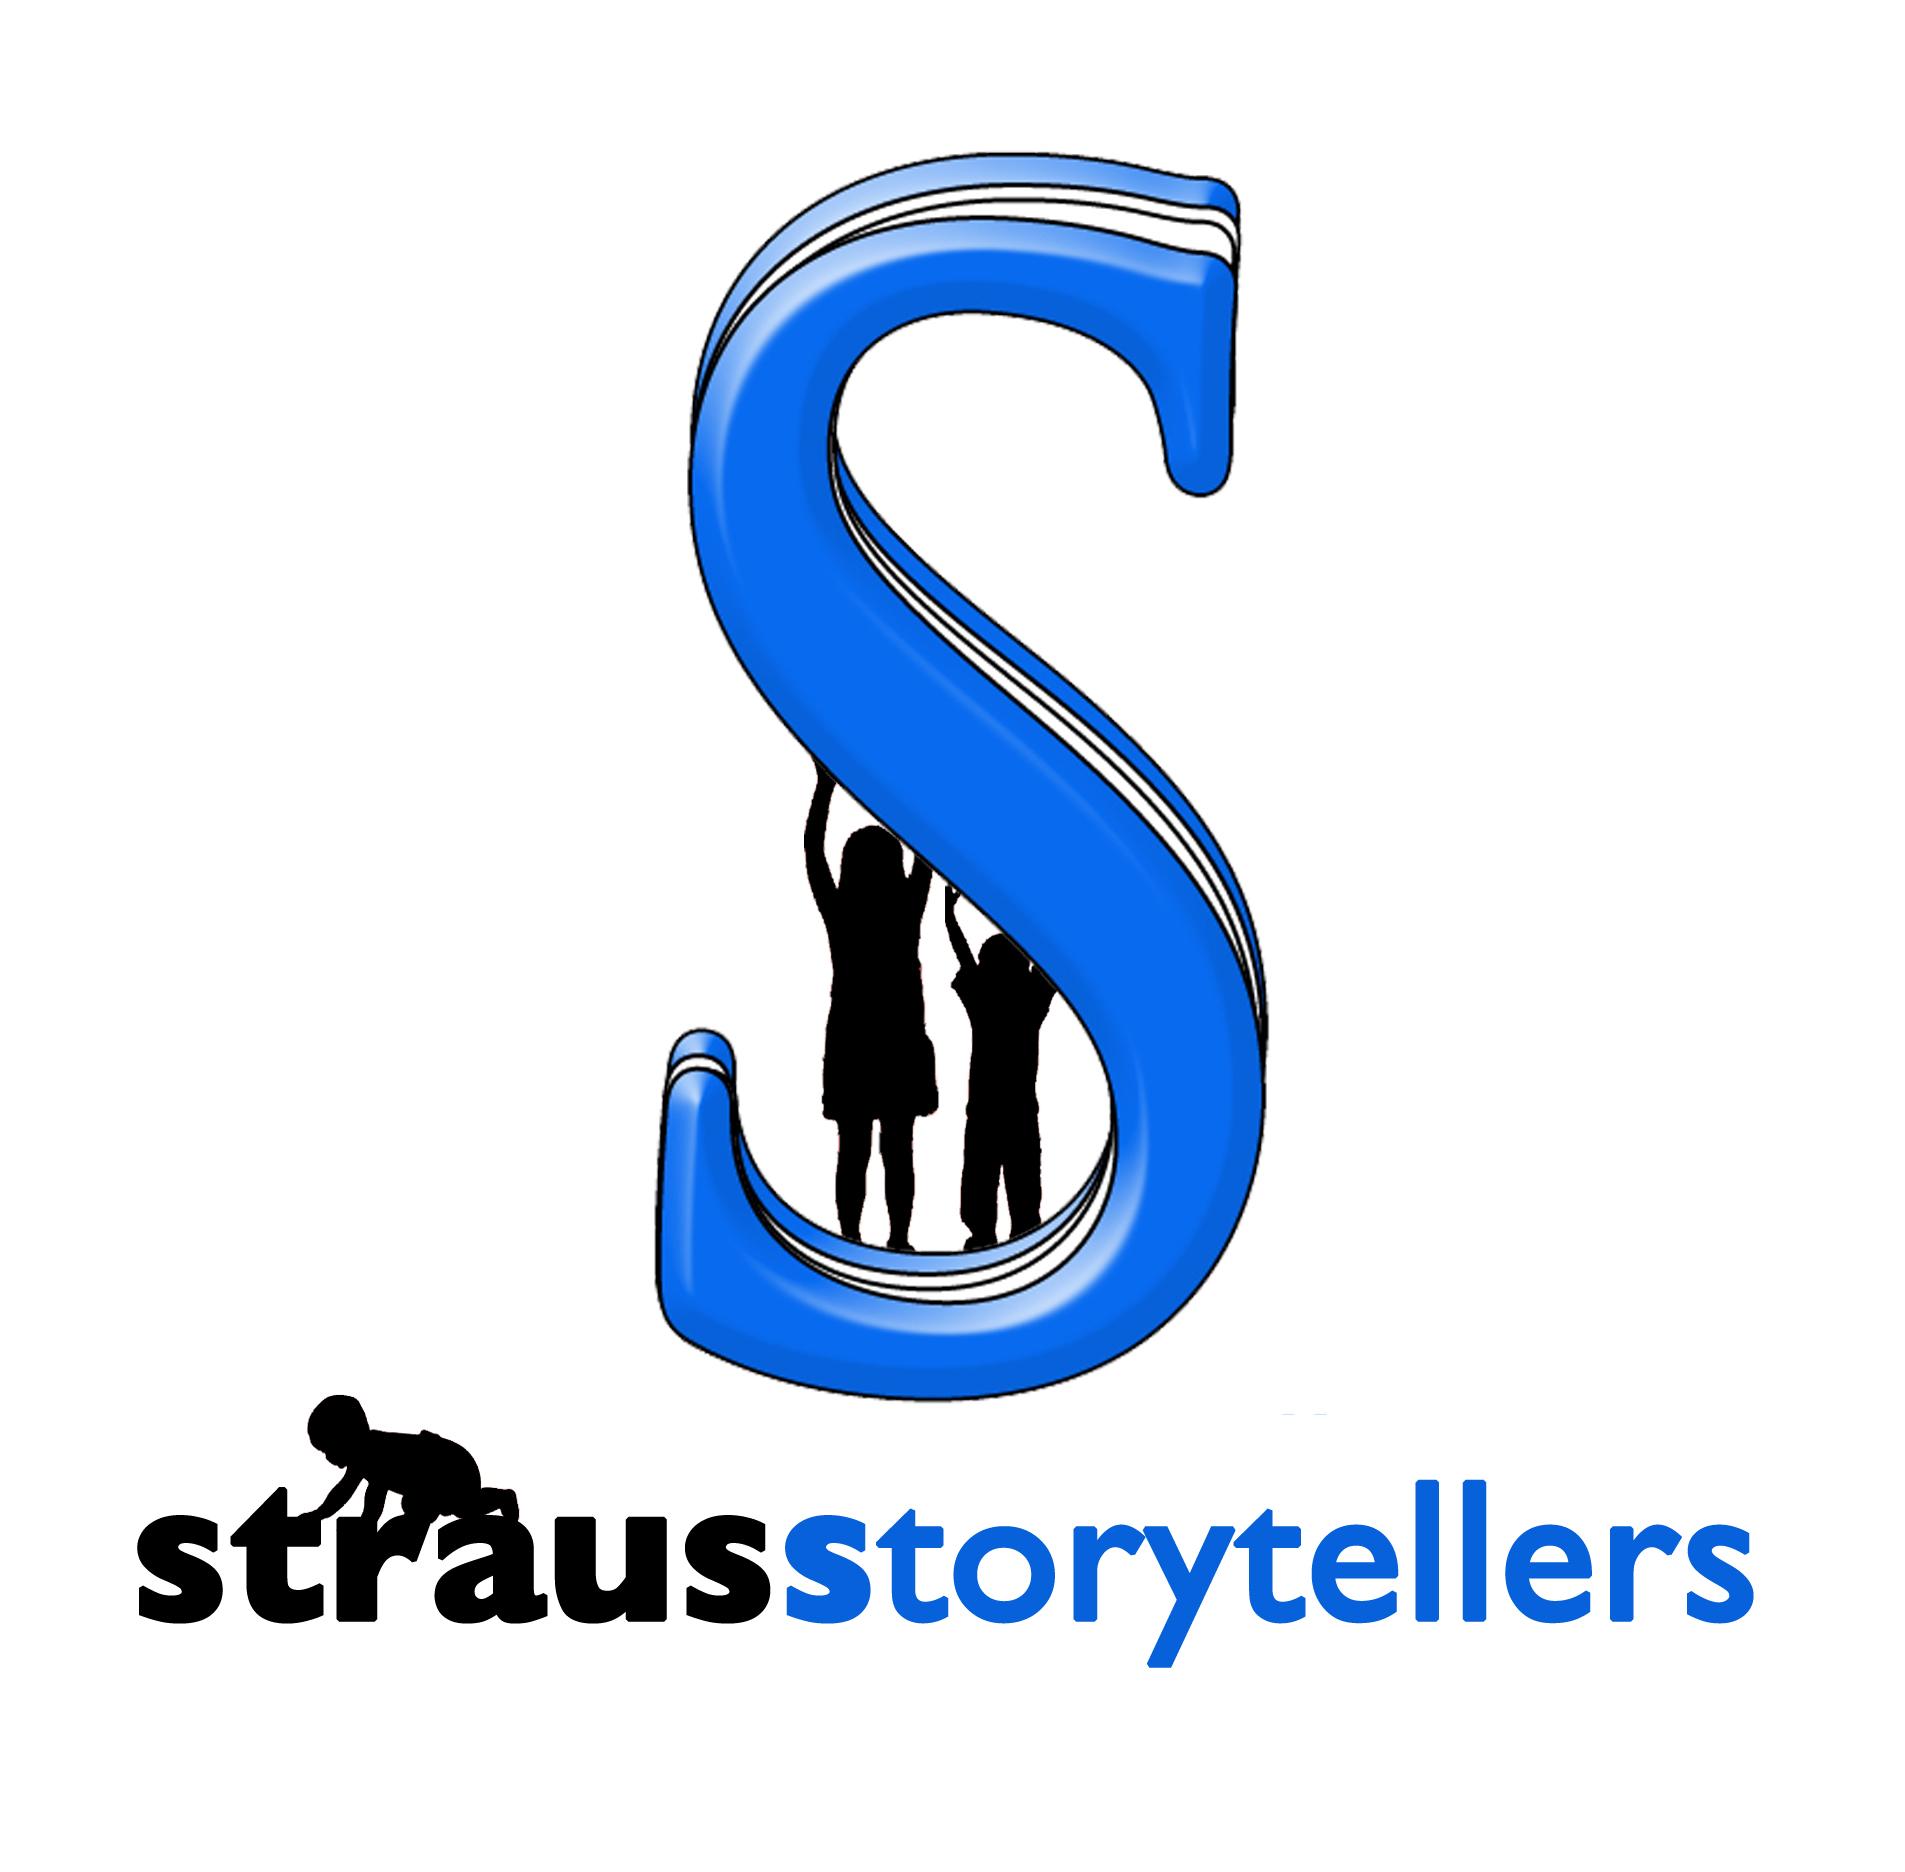 Storytellers Logo3.0.jpg